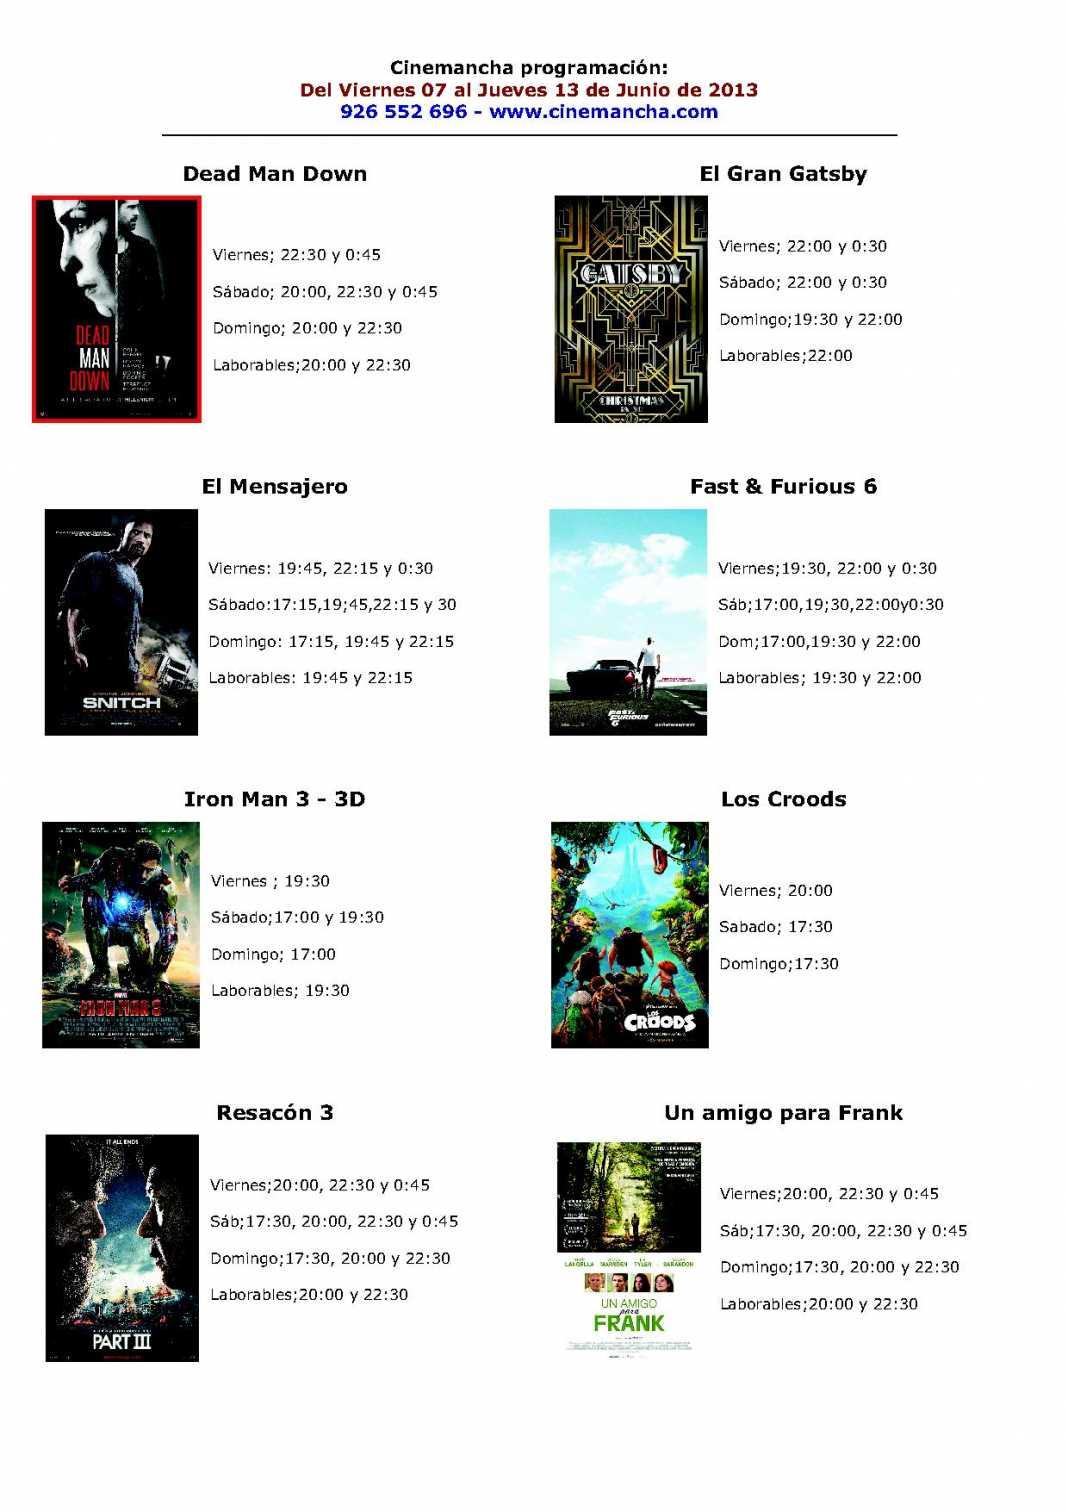 Programación Cinemancha del viernes 7 al jueves 13 de junio 1